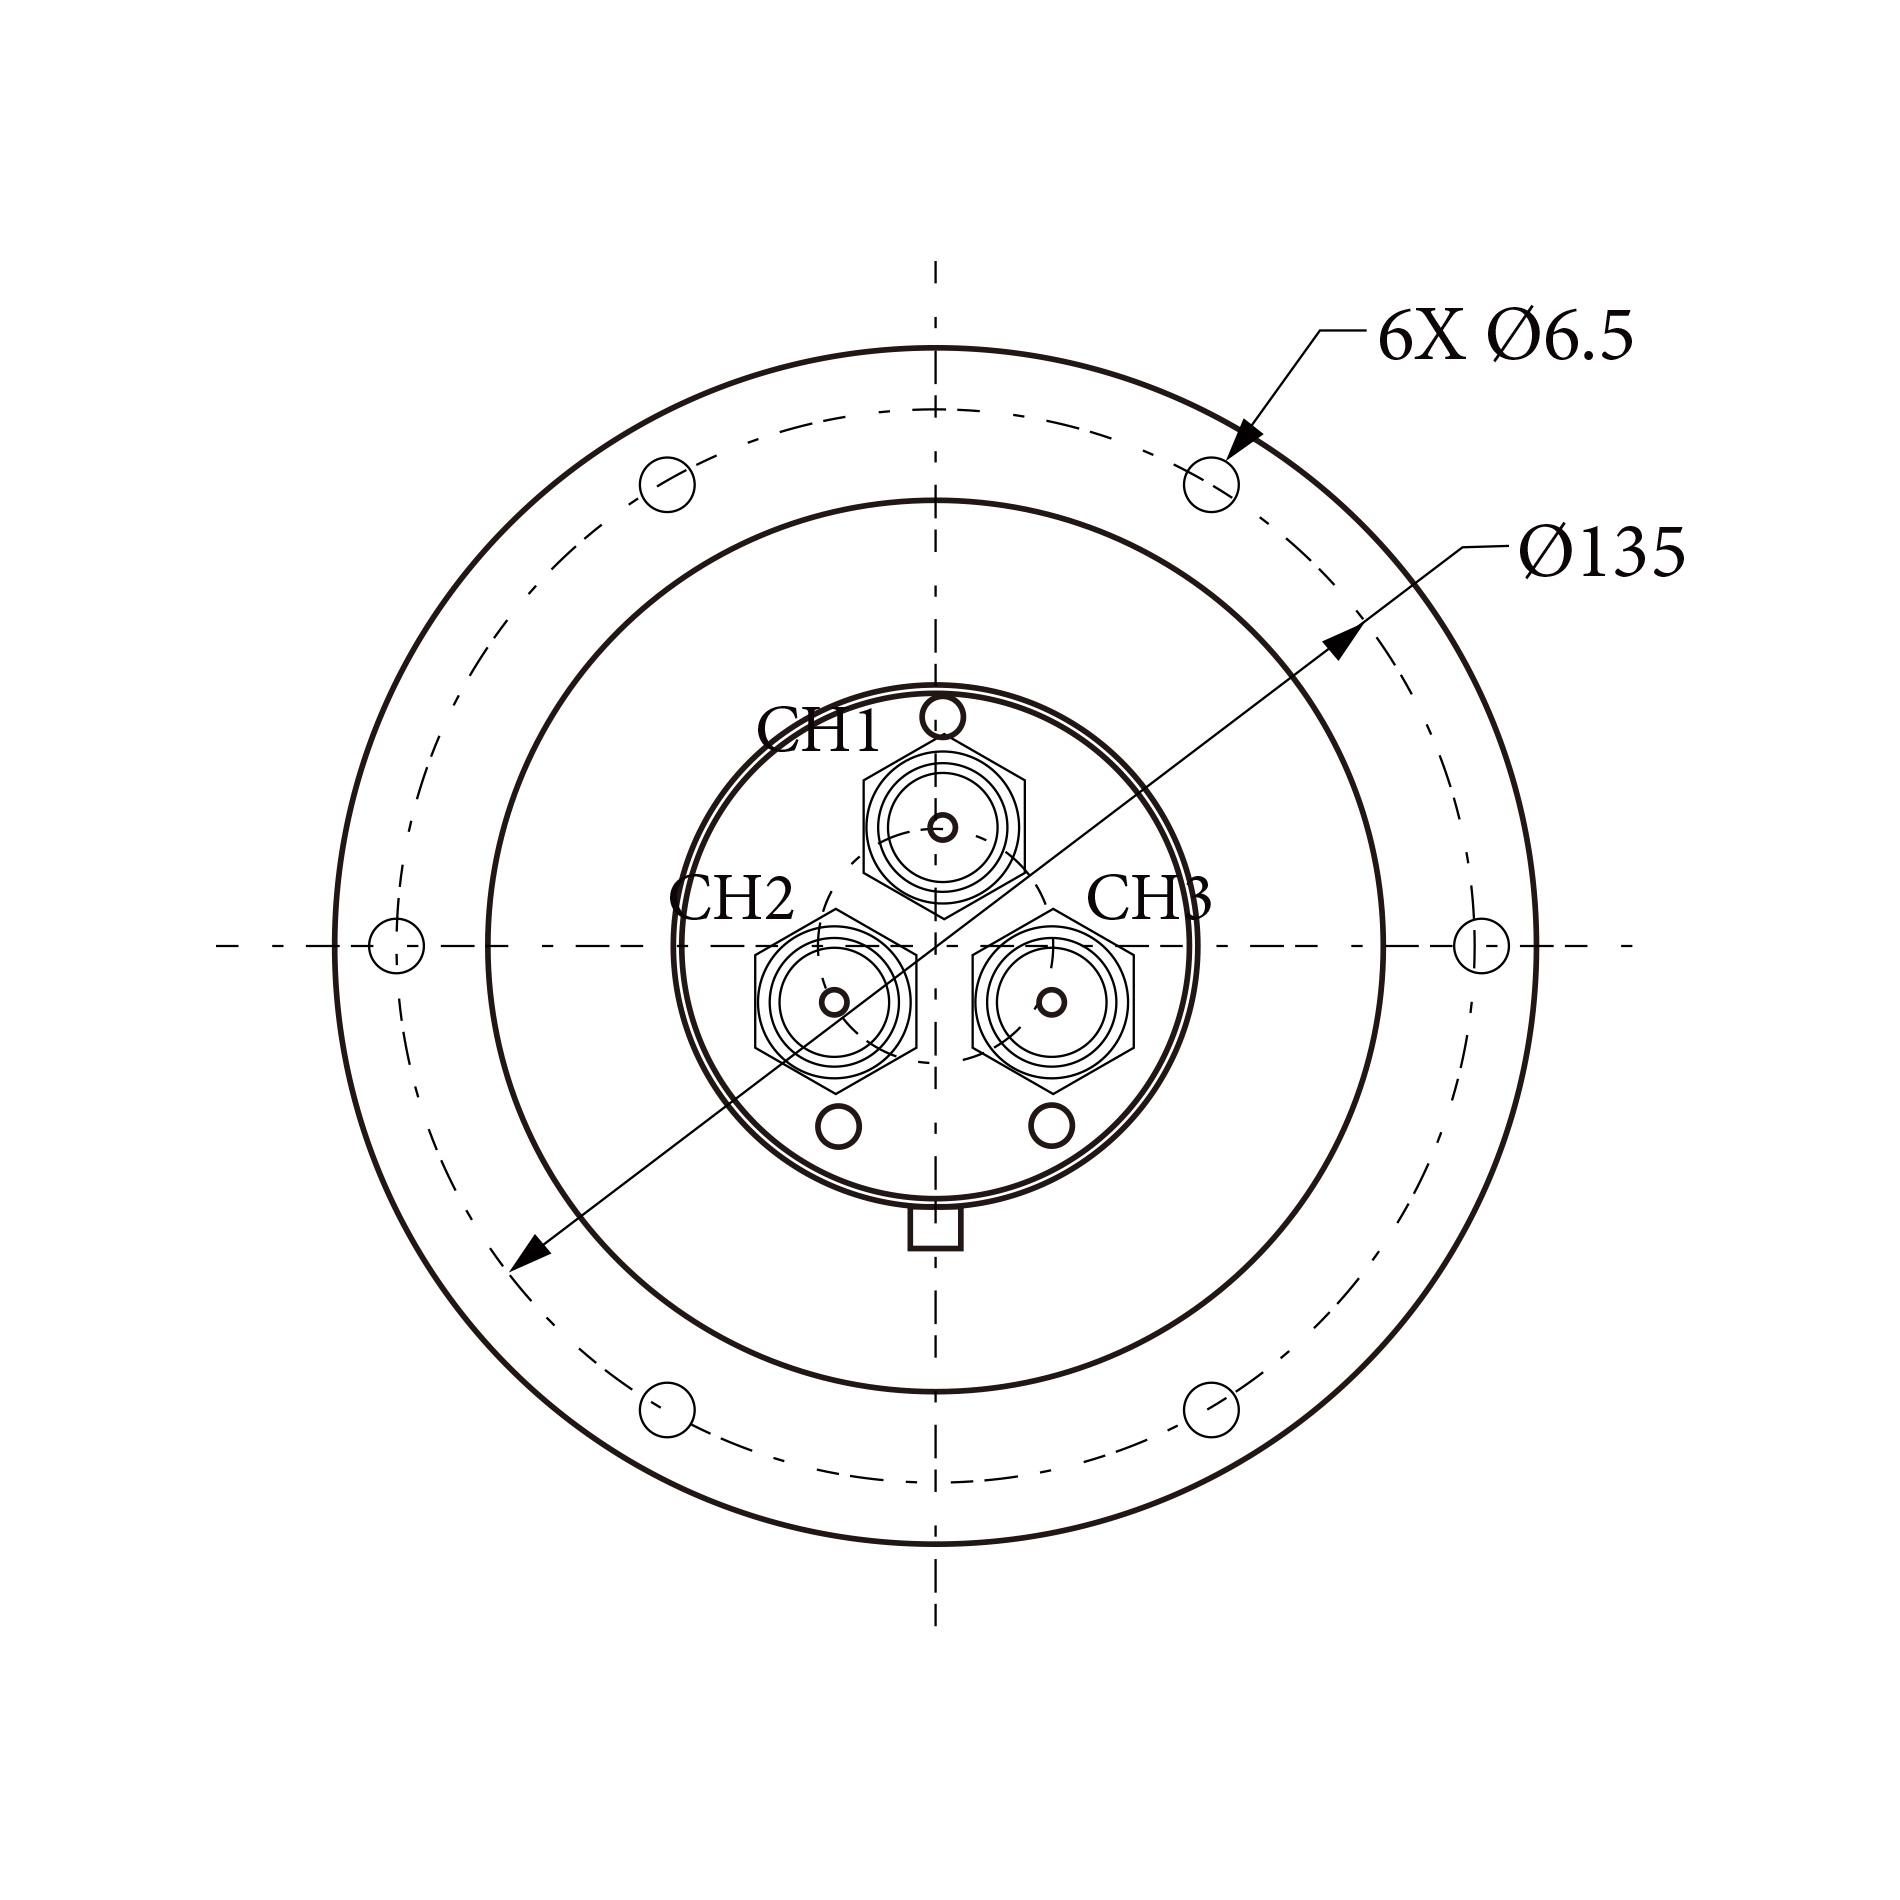 三路旋转关节RJ153185 1CH  2CH 3CH均为1.0 GHz~1.1 GHz  N型接头